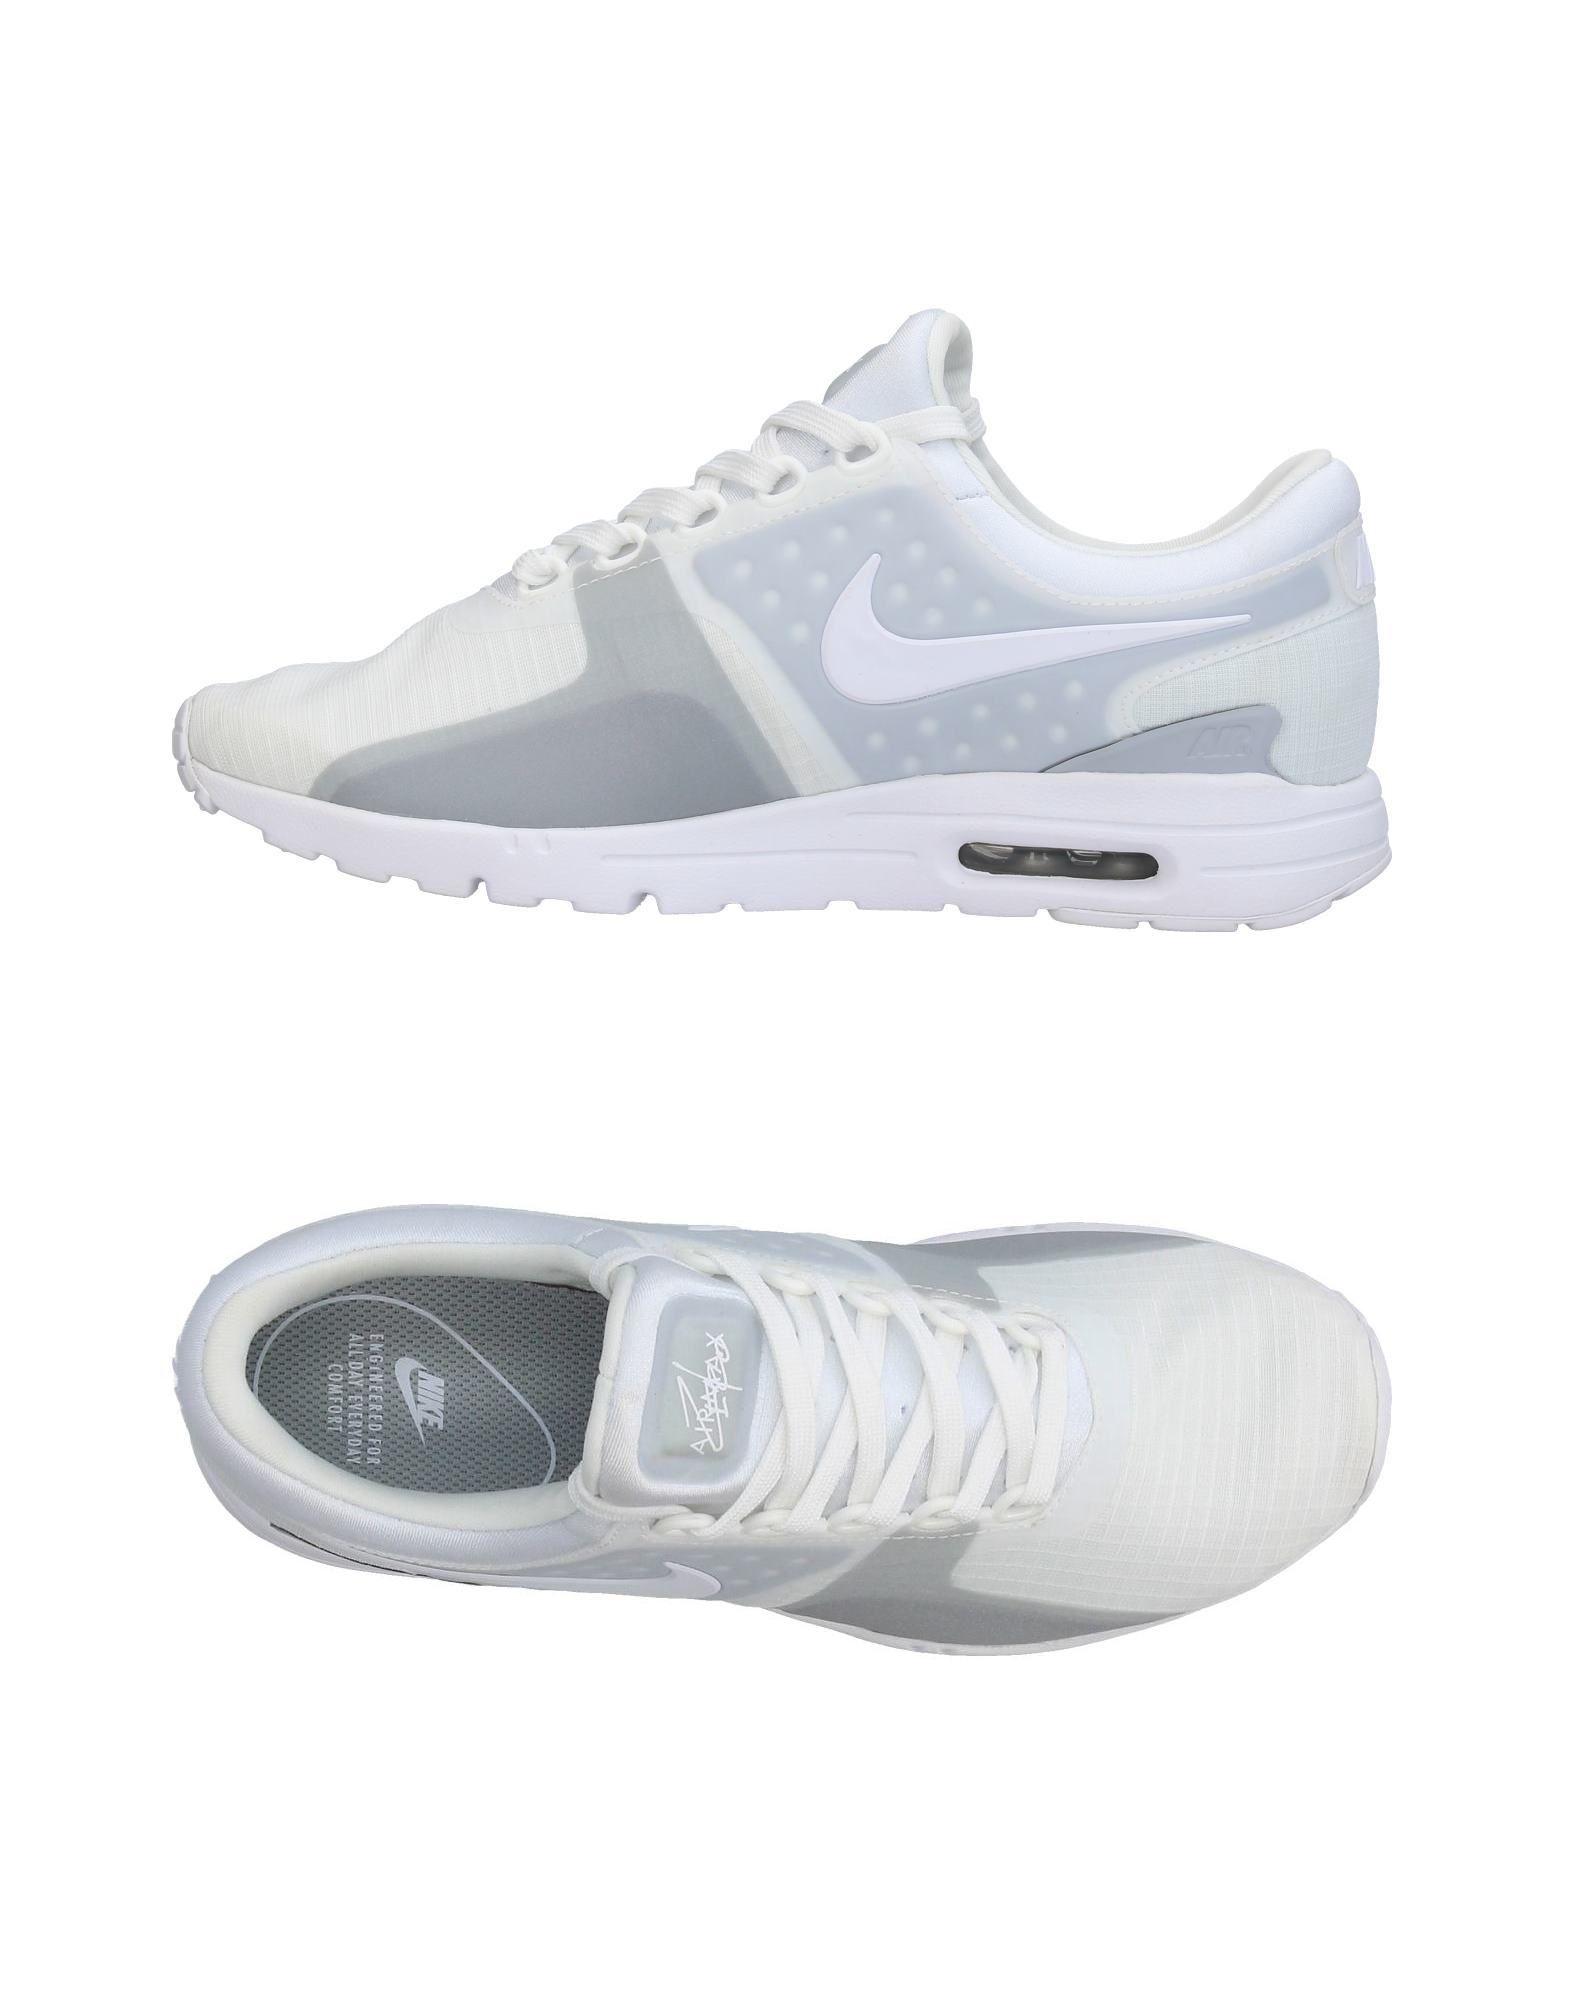 Scarpe Ginnastica da Ginnastica Scarpe Nike Donna - 11371200DE a61f68